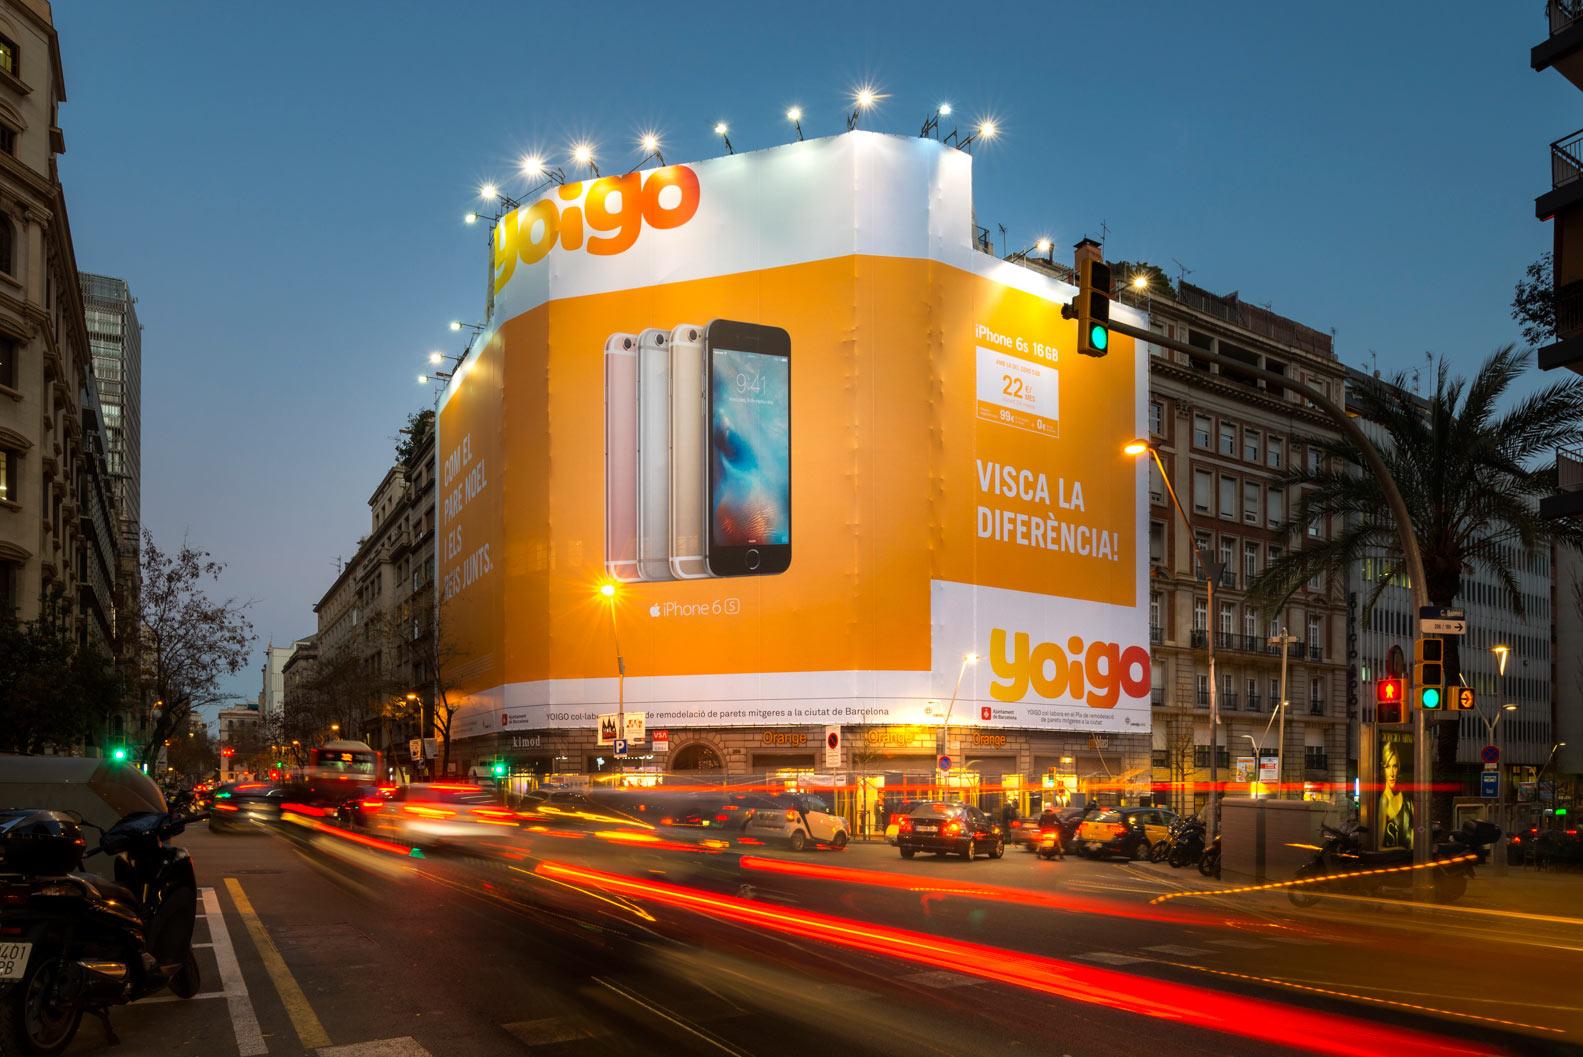 lona-publicitaria-barcelona-yoigo-balmes-206-vsa-comunicacion